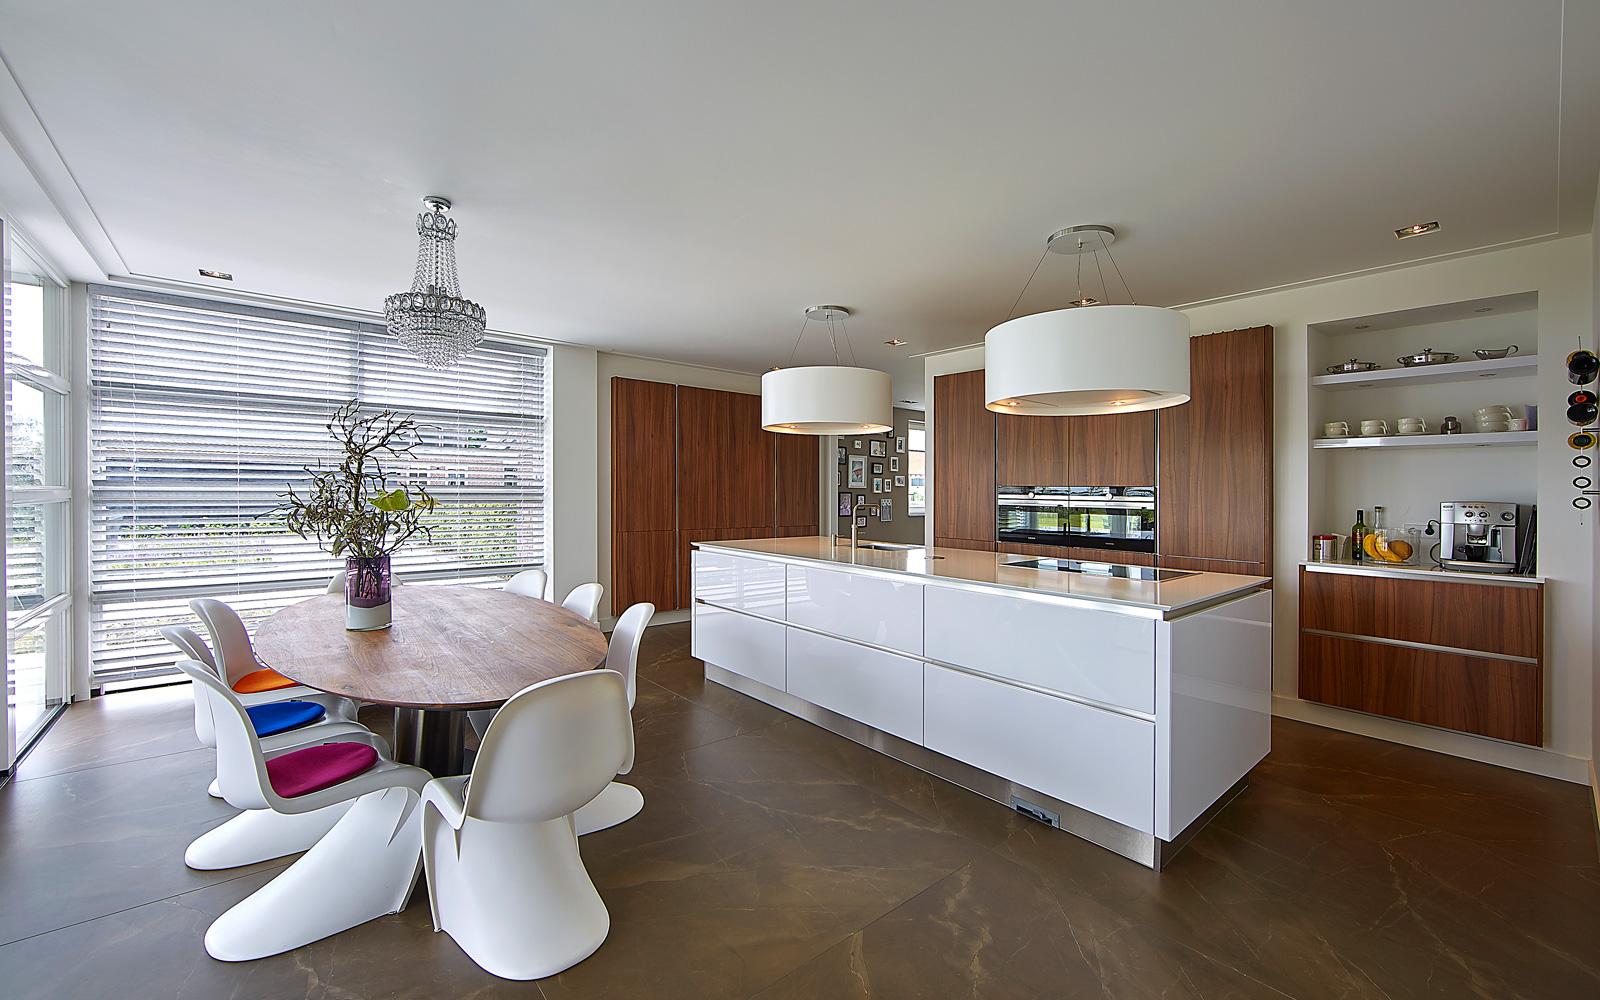 Middelkoop uit Culemborg realiseerde zowel de Schmidt keuken als de badkamer.